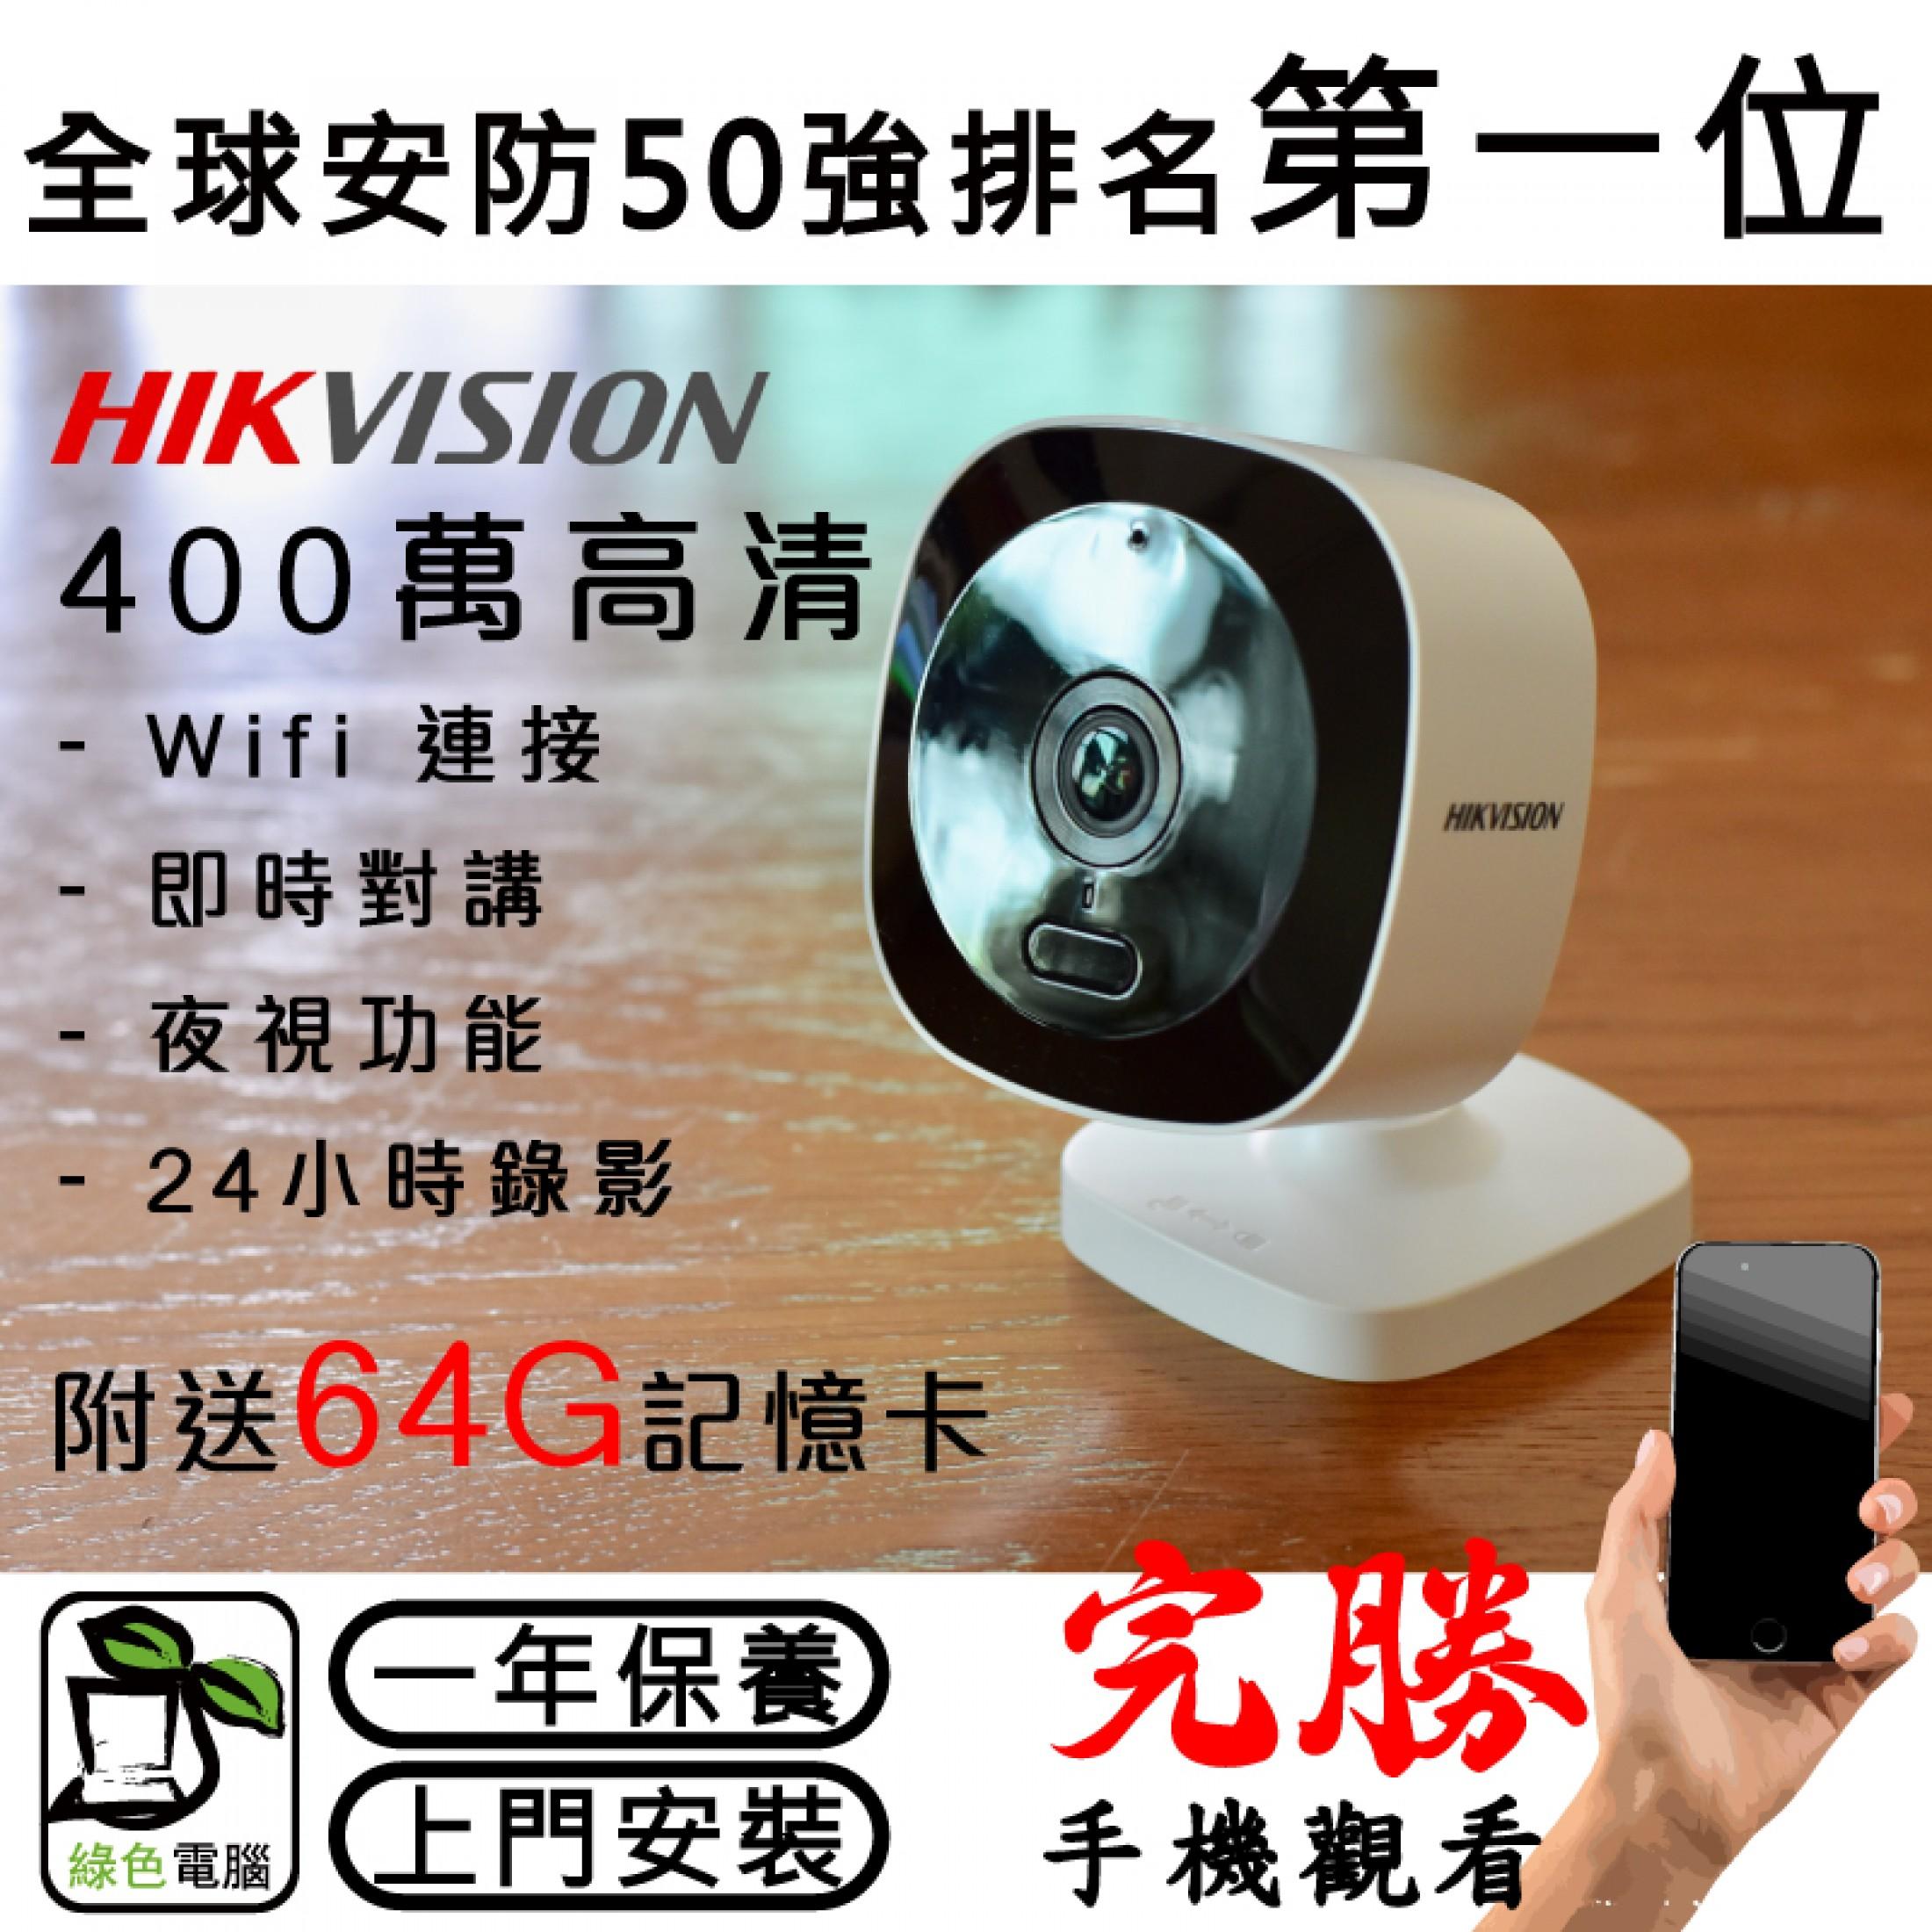 室內監控強烈推薦 - HIkvision 400萬像素WIFI數碼鏡頭(收音/對講/夜視)